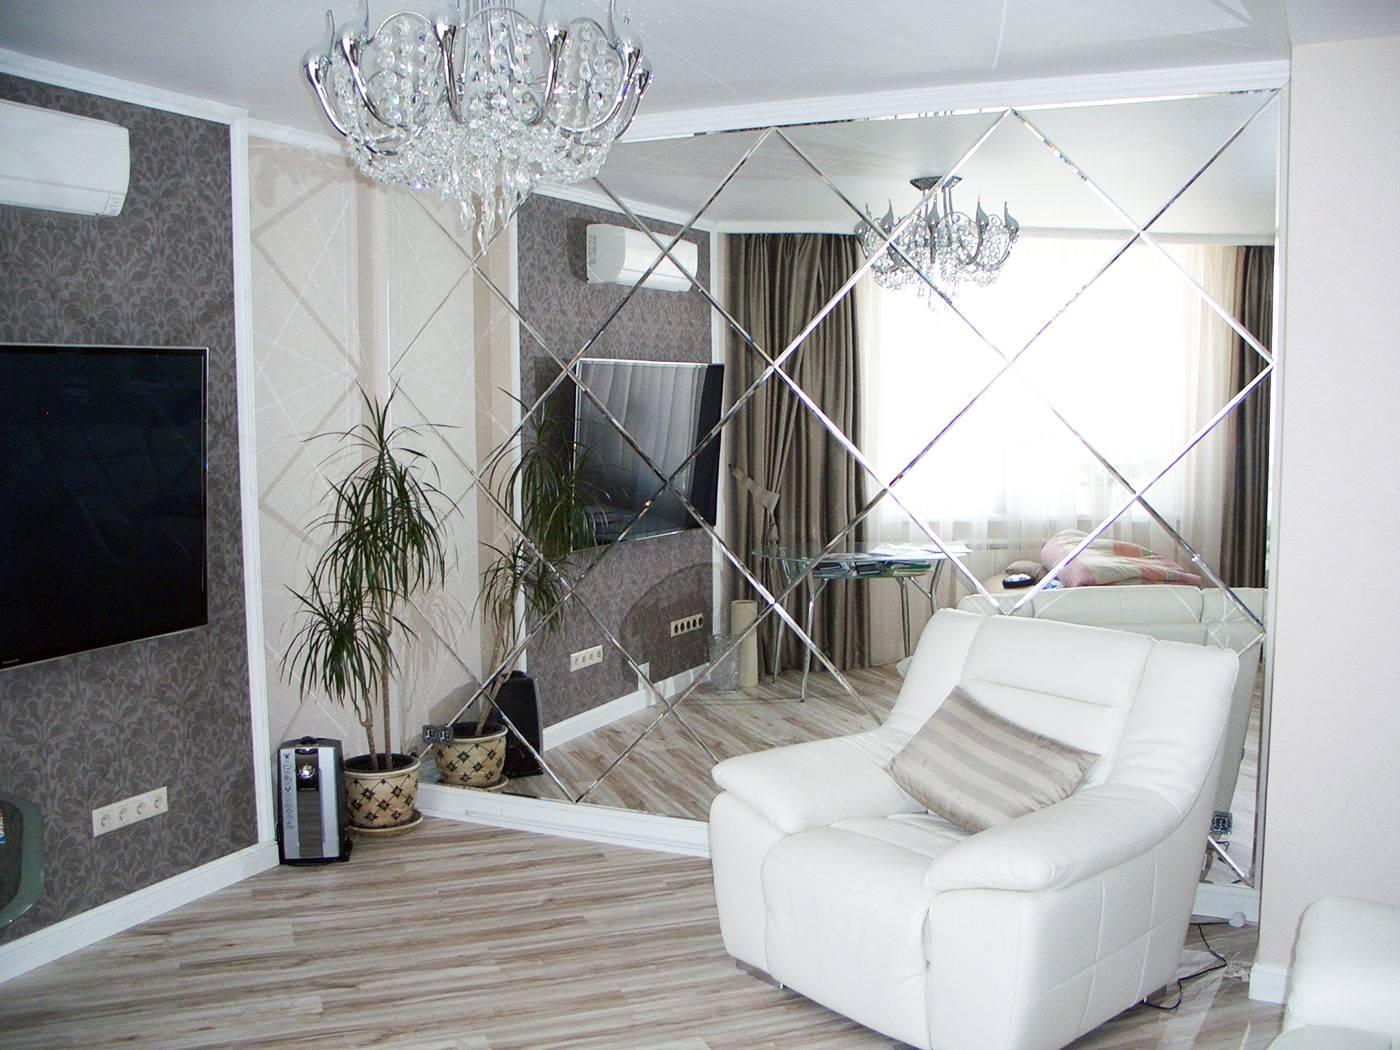 Зеркальная мозаика в интерьере: фото, идеи для кухни, ванной, спальни, гостиной